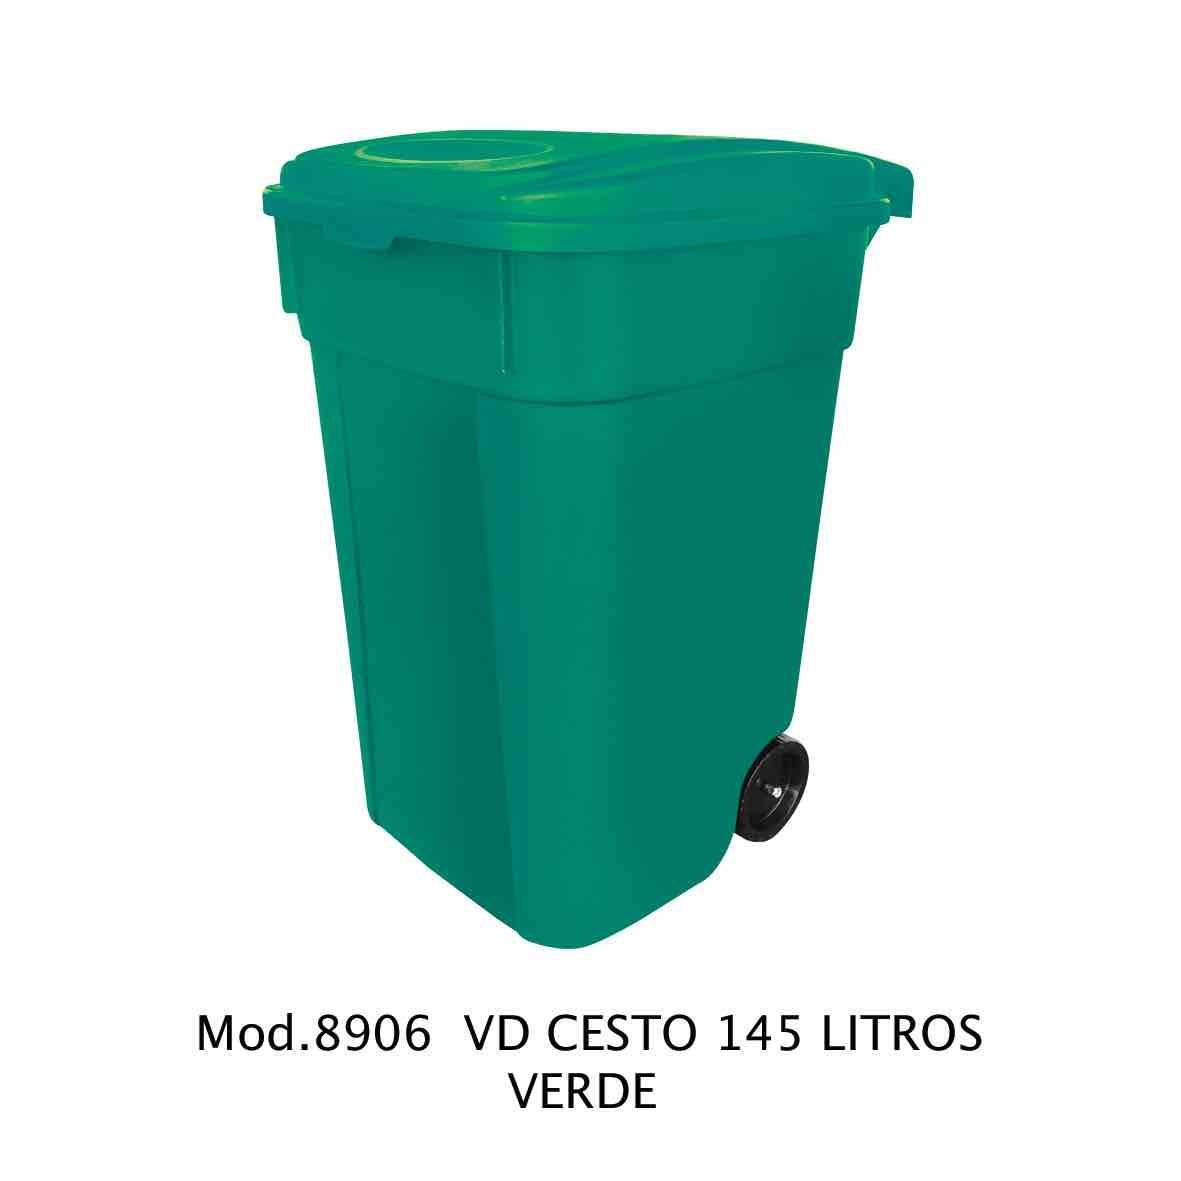 Contenedor de 145 litros verde - modelo 8906 VD - Sablón